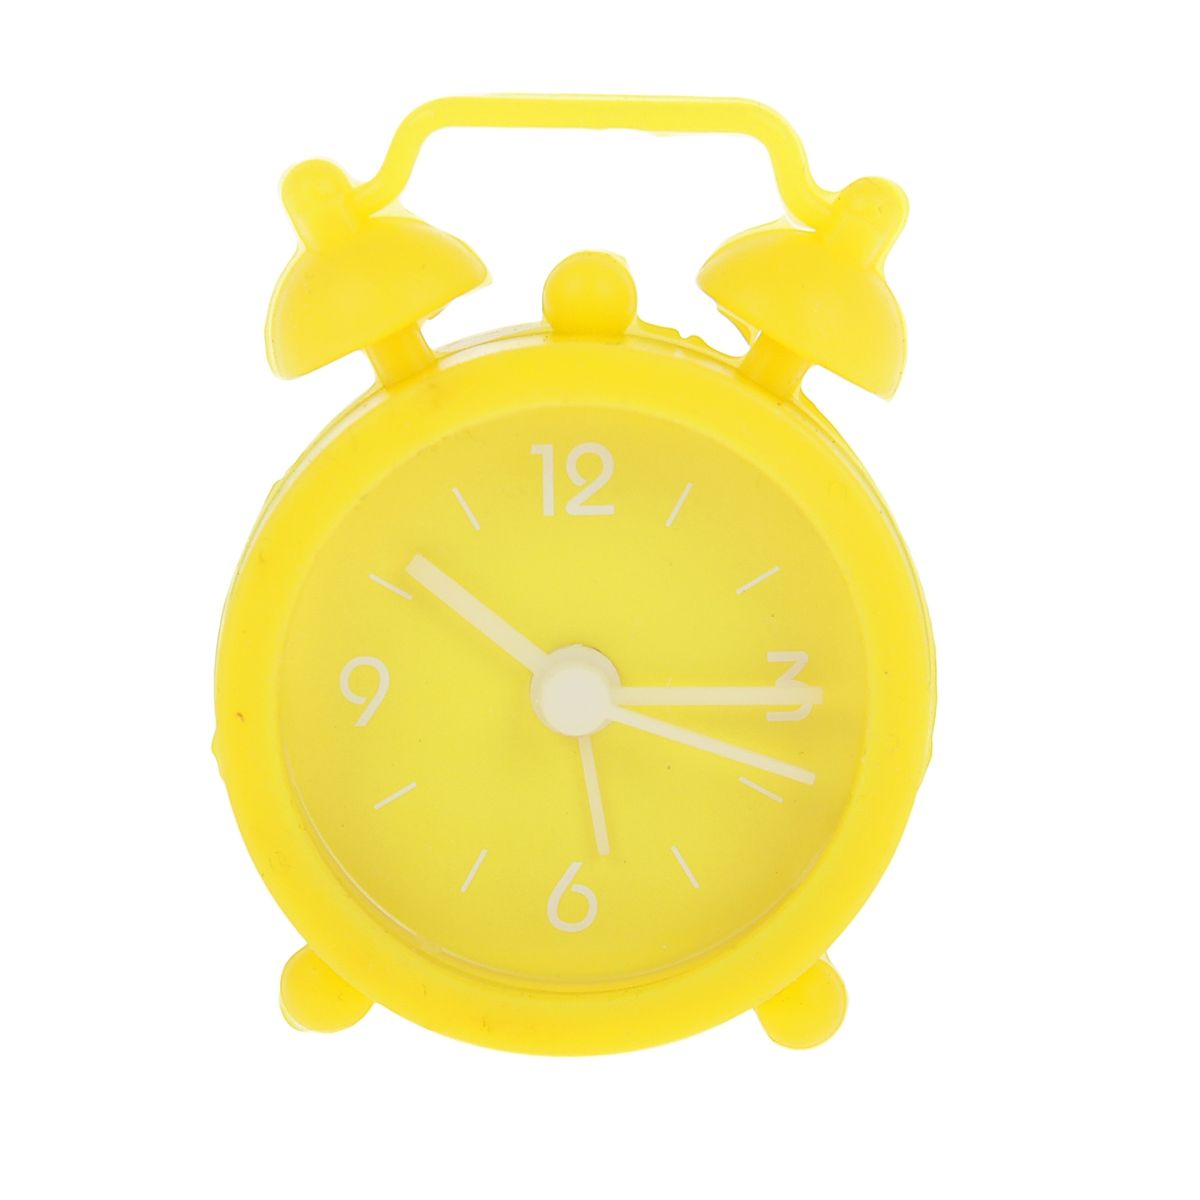 Часы-будильник Sima-land, цвет: желтый. 840941VT-3521(ВК)Как же сложно иногда вставать вовремя! Всегда так хочется поспать еще хотя бы 5 минут и бывает, что мы просыпаем. Теперь этого не случится! Яркий, оригинальный будильник Sima-land поможет вам всегда вставать в нужное время и успевать везде и всюду. Будильник украсит вашу комнату и приведет в восхищение друзей. Эта уменьшенная версия привычного будильника умещается на ладони и работает так же громко, как и привычные аналоги. Время показывает точно и будит в установленный час. Благодаря мягкому силиконовому корпусу изделие не получит повреждений даже при падении. На задней панели будильника расположены переключатель включения/выключения механизма, а также два колесика для настройки текущего времени и времени звонка будильника.Будильник работает от 1 батарейки типа LR44 (входит в комплект).